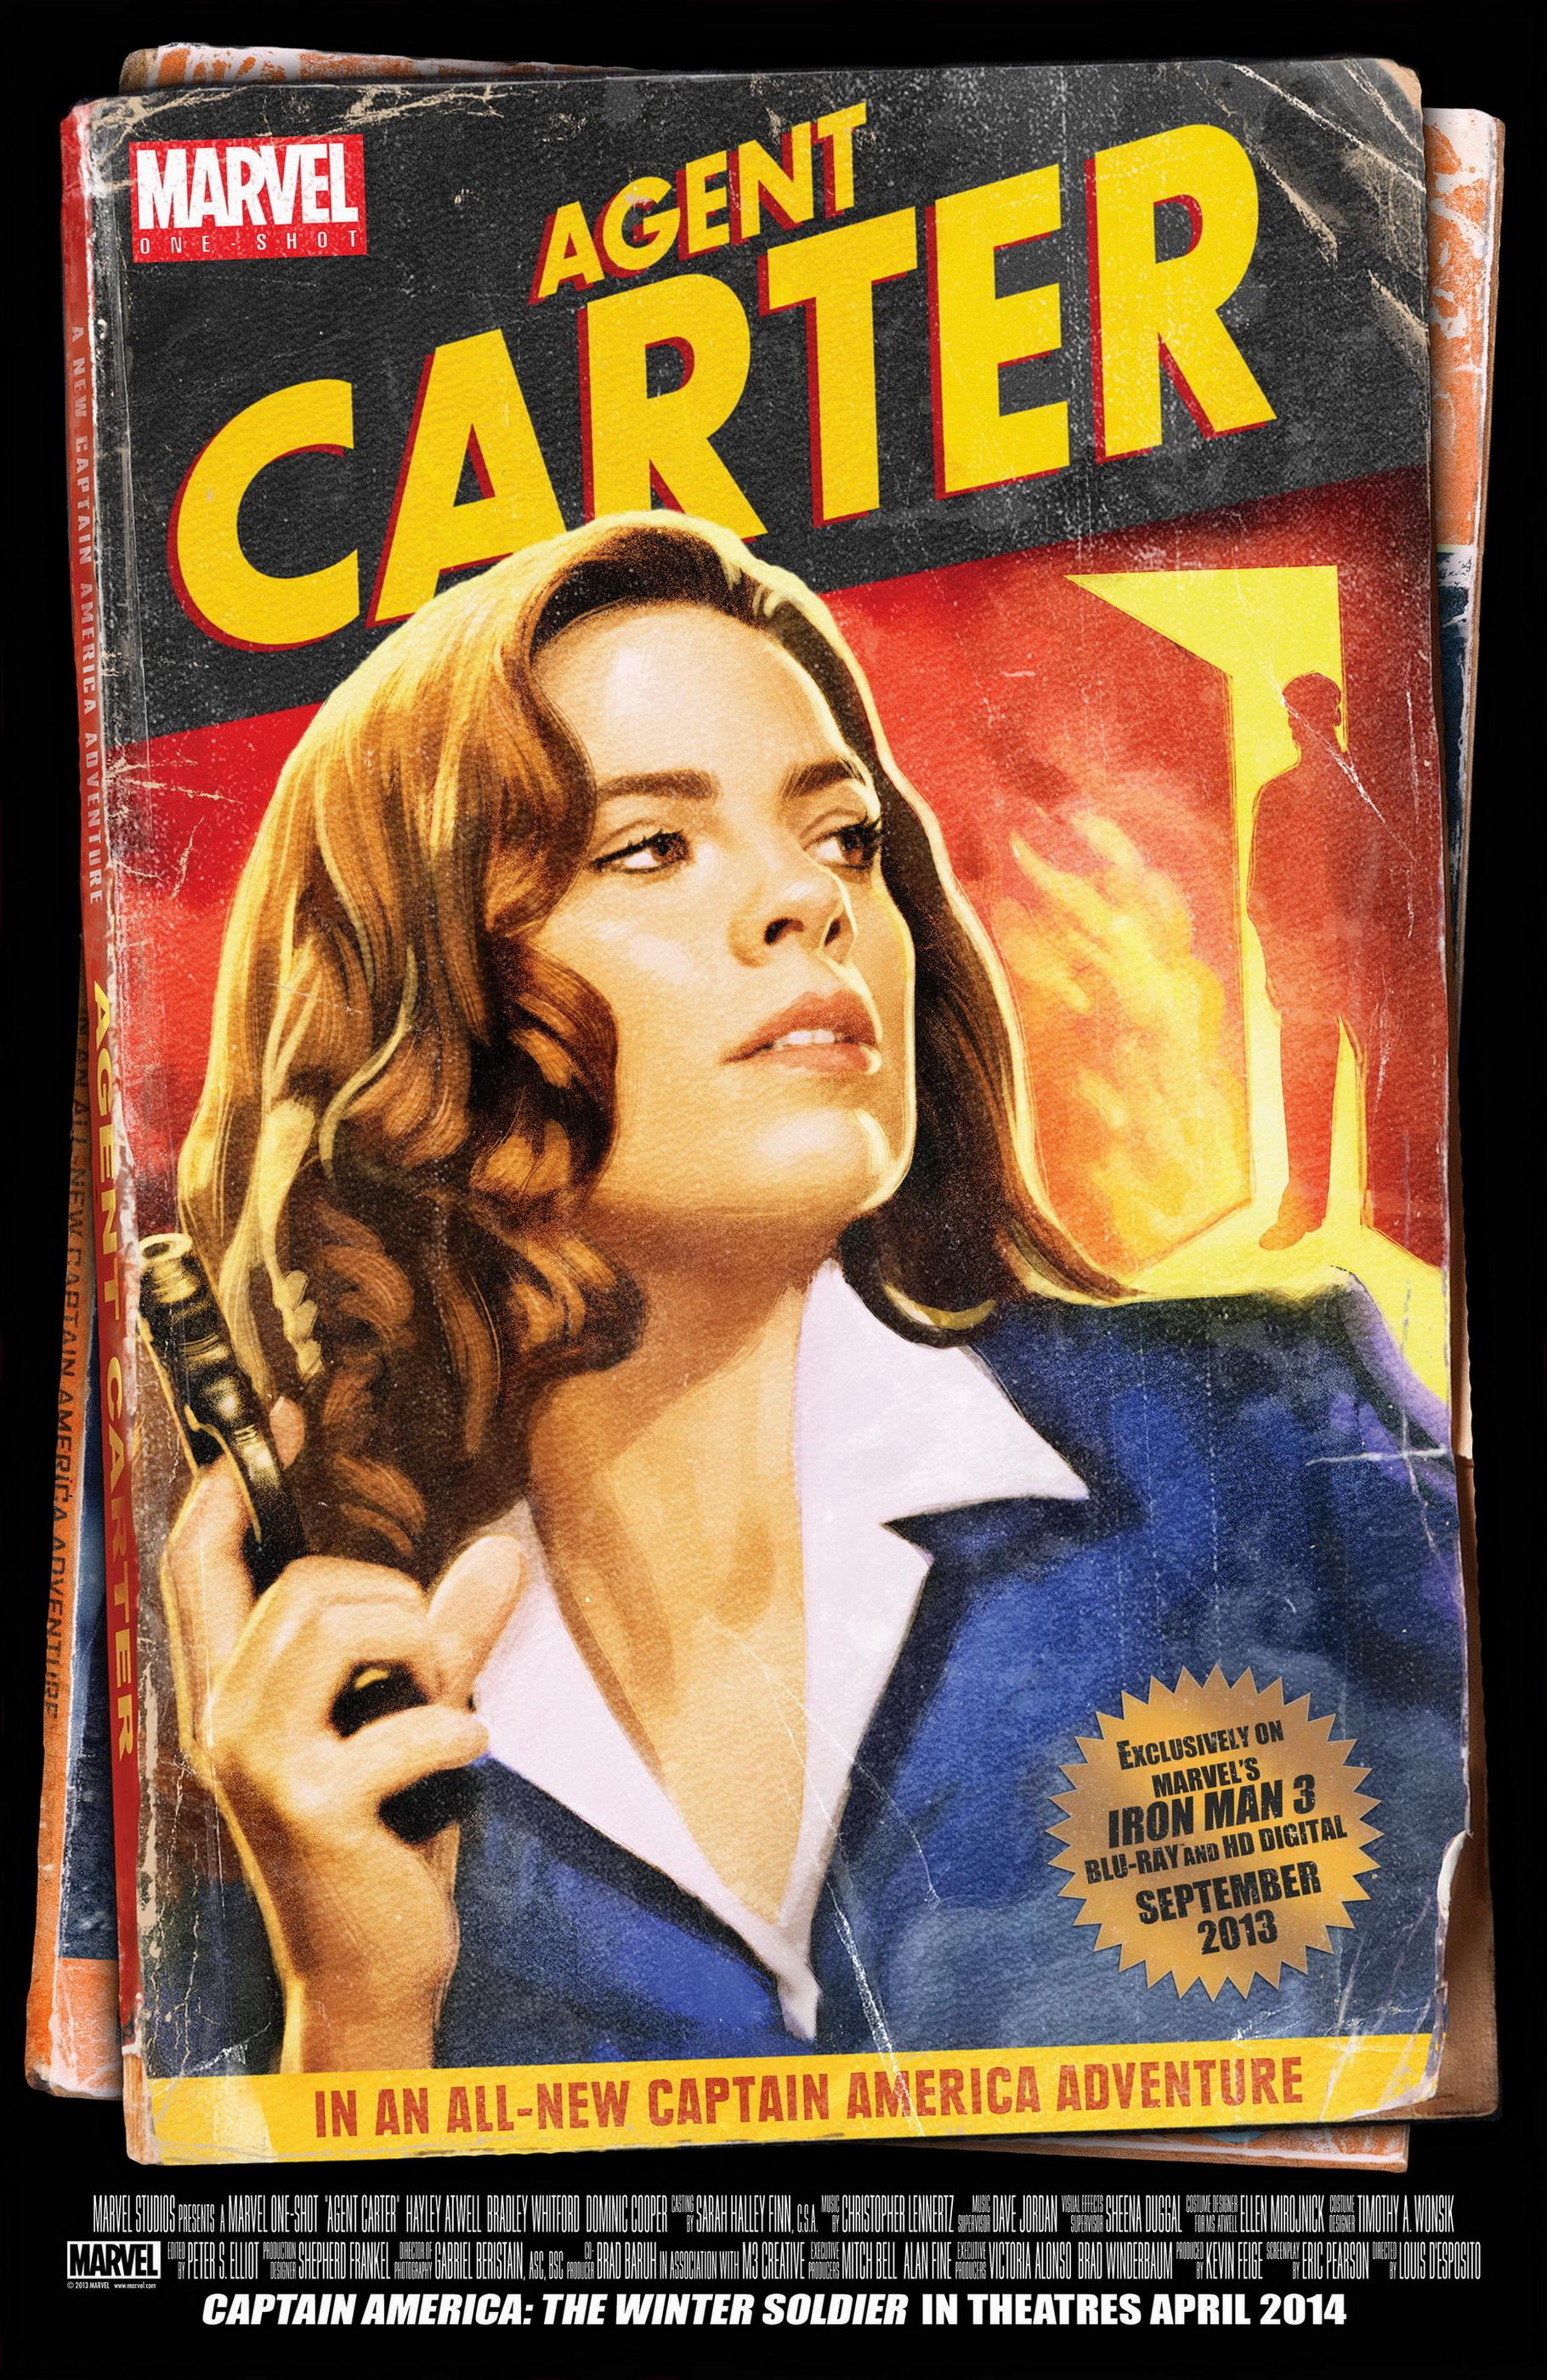 ((LINK)) Magic Triumphs (Kate Daniels) Downloads Torrent Marvel_One-Shot_-_Agent_Carter